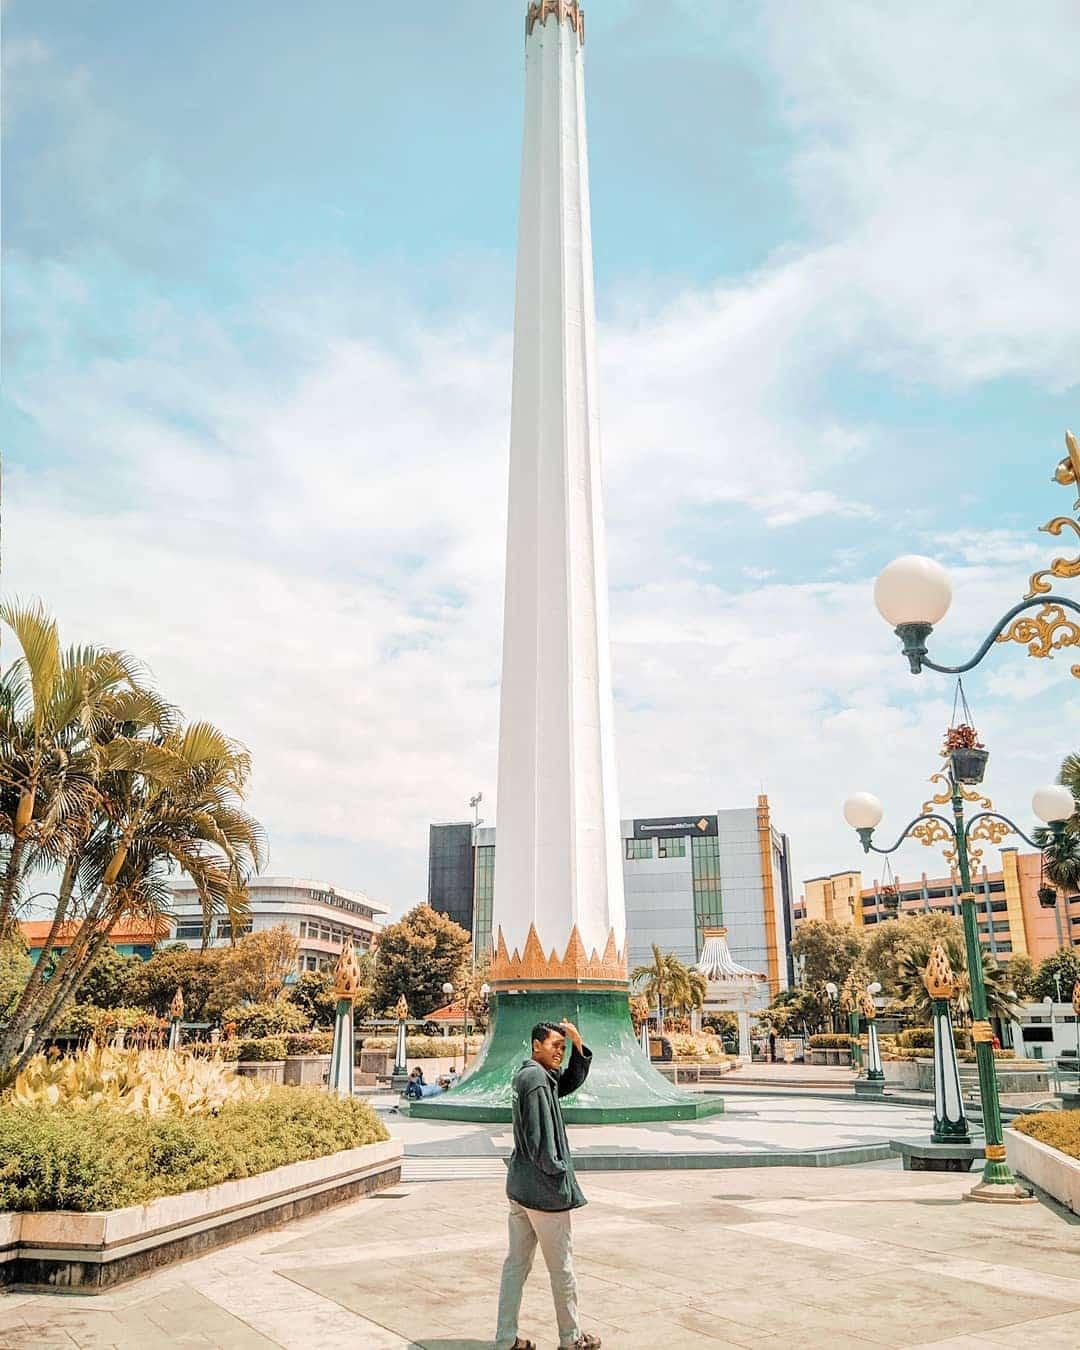 Tempat Wisata Populer: Destinasi Liburan Mudik di Surabaya